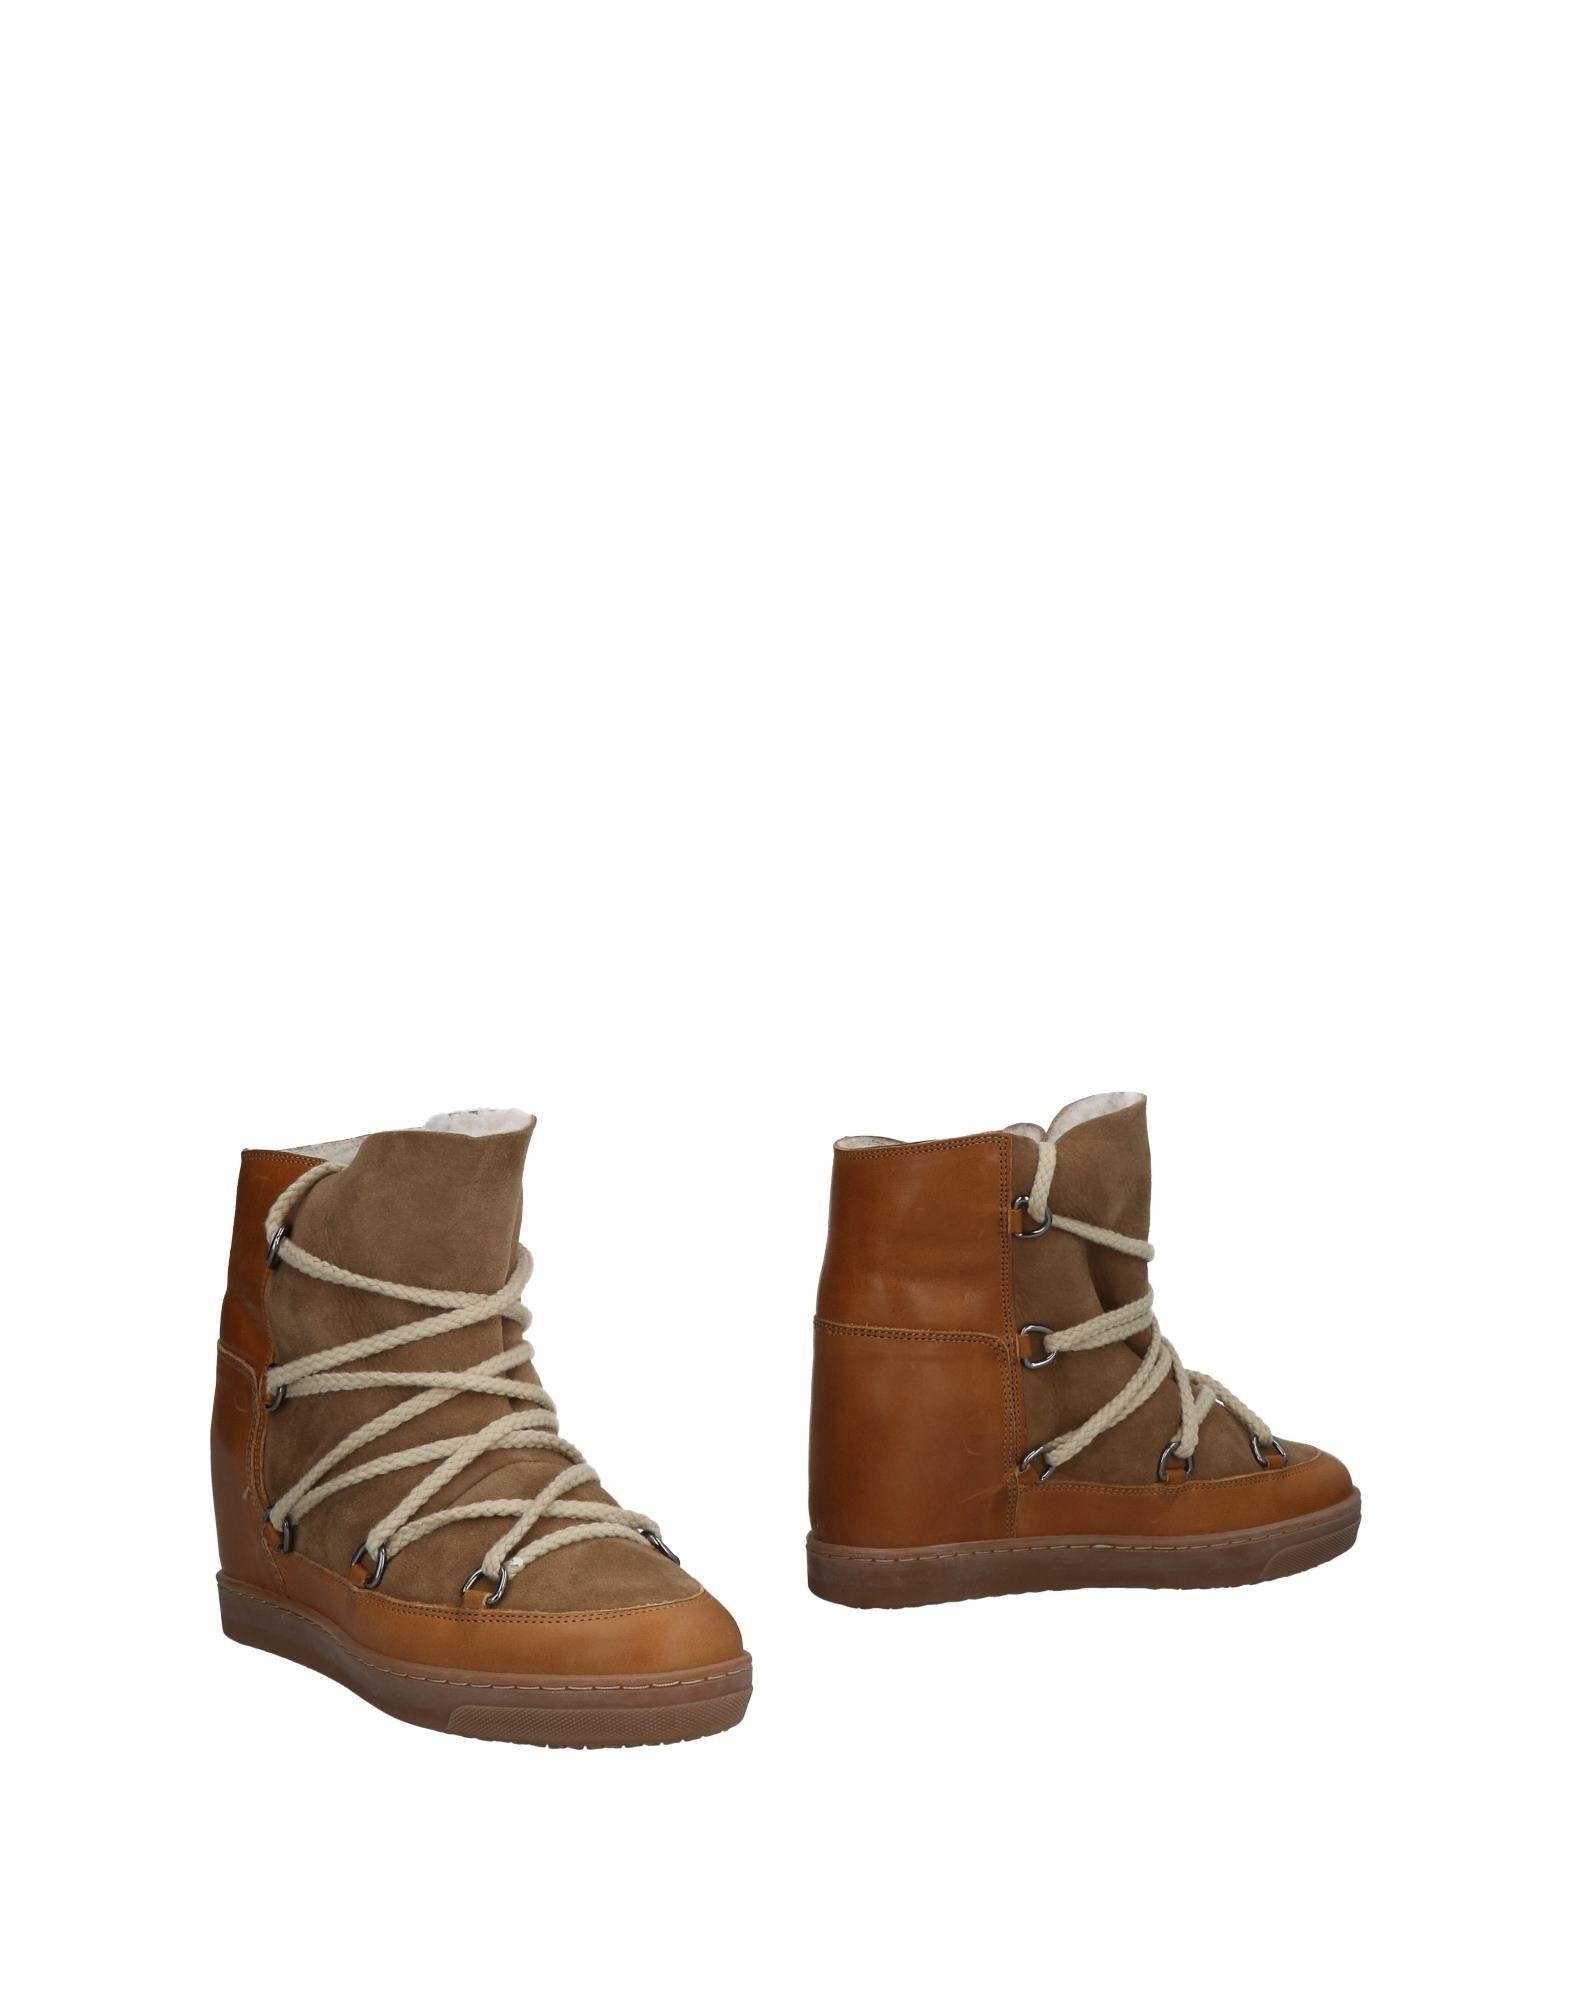 Isabel Marant Damen Stiefelette Damen Marant  11491127LIGünstige gut aussehende Schuhe 54b995